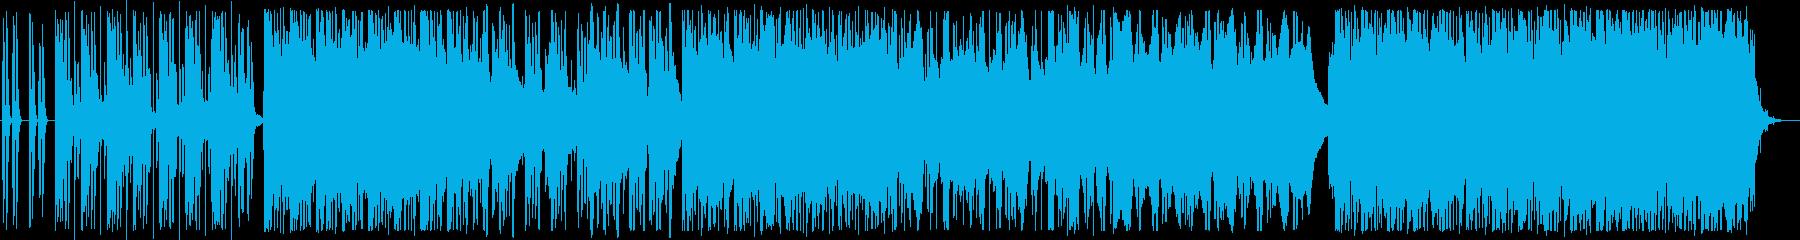 動画 サスペンス 技術的な ハイテ...の再生済みの波形